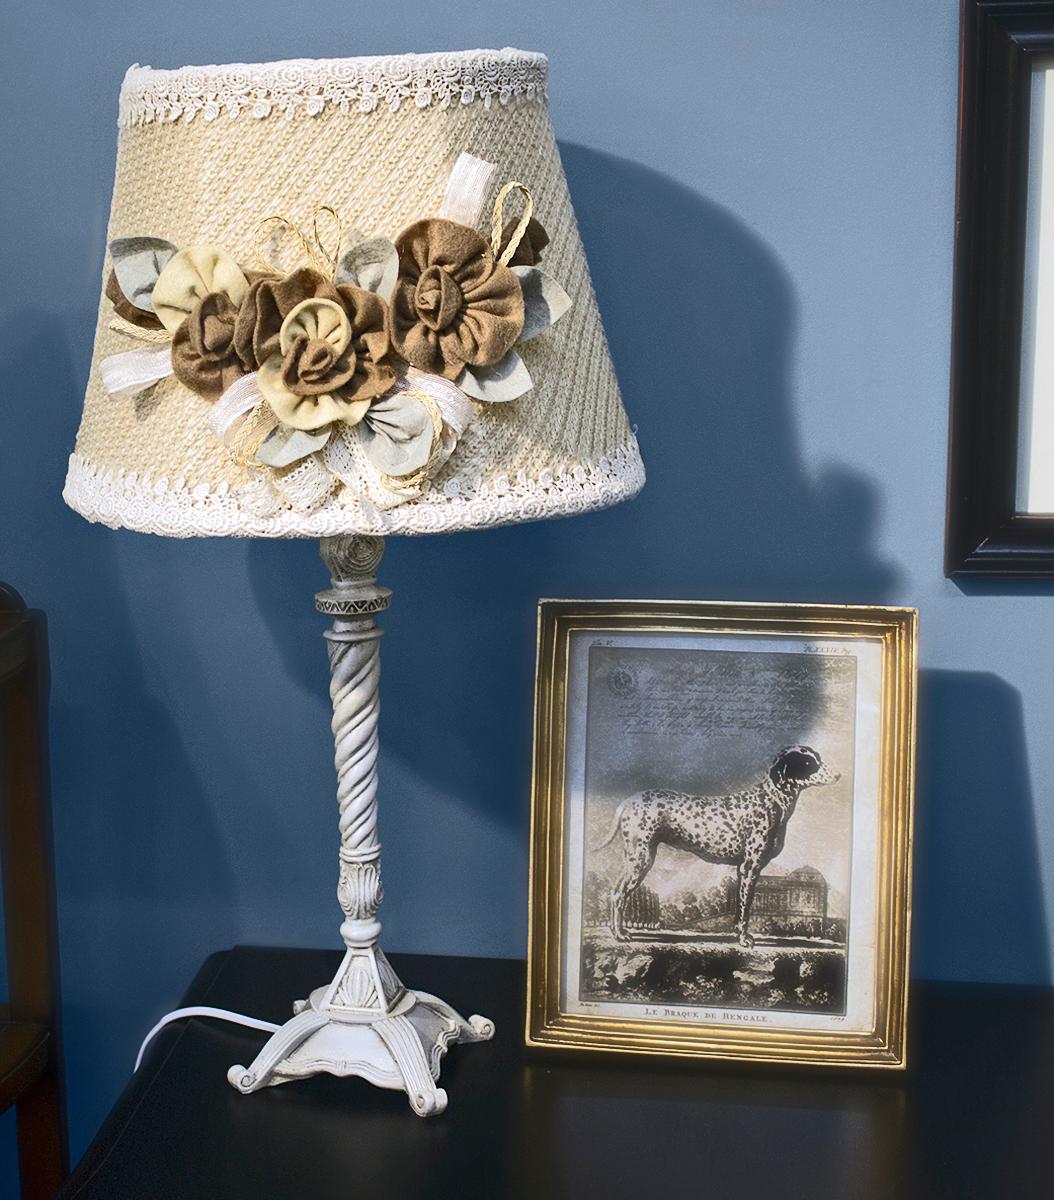 """Лампа настольная ручной работы """"Estro"""" станет украшением вашей комнаты и оригинально дополнит интерьер. Такой светильник отлично подойдет для освещения кабинета, спальни или гостиной. Лампа выполнена из бежевого металла. Абажур лампы изготовлен из полиэстера и дополнен текстильным украшением.К светильнику предусмотрен цоколь Е14 для лампы мощностью 40 Вт.Высота лампы: 60 см."""